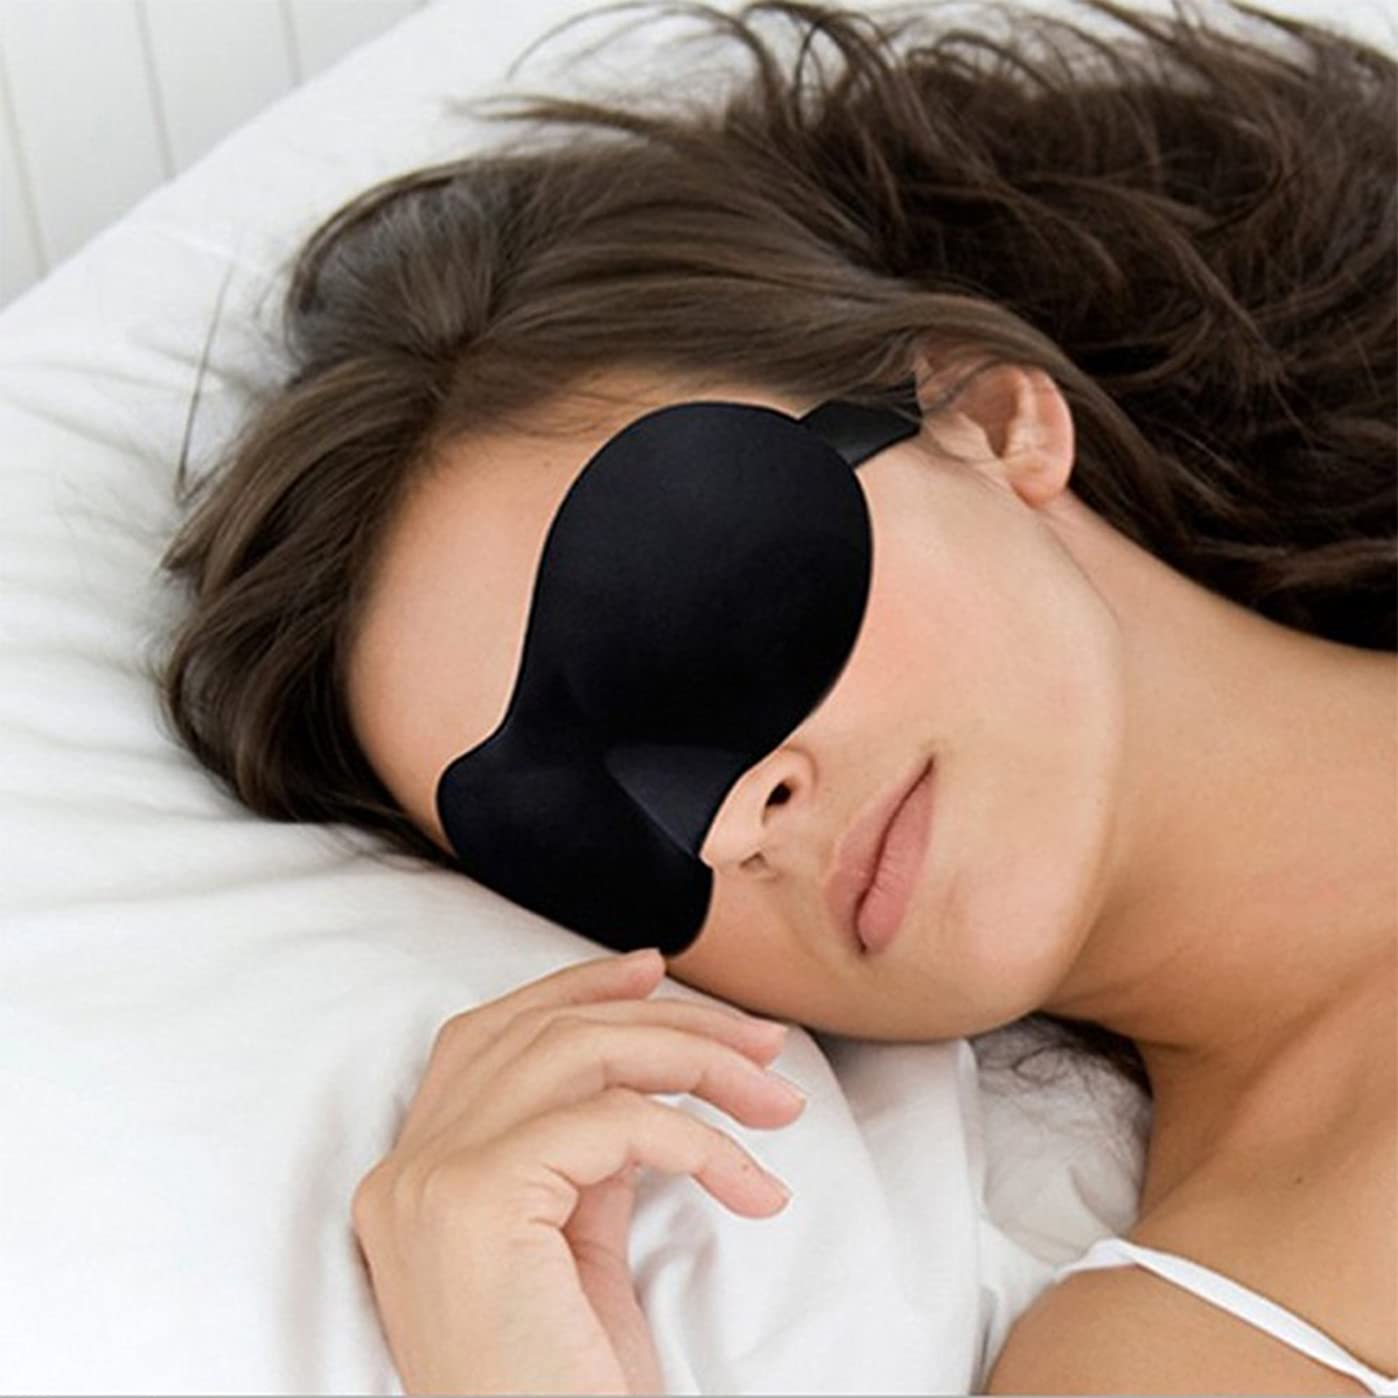 モニカ側特権的NOTE 調節可能な3D輪郭のアイマスクスリープマスク軽量で快適なスーパーソフト、シフトワーク、ナップス、ナイトブラインドフォールドアイシェード